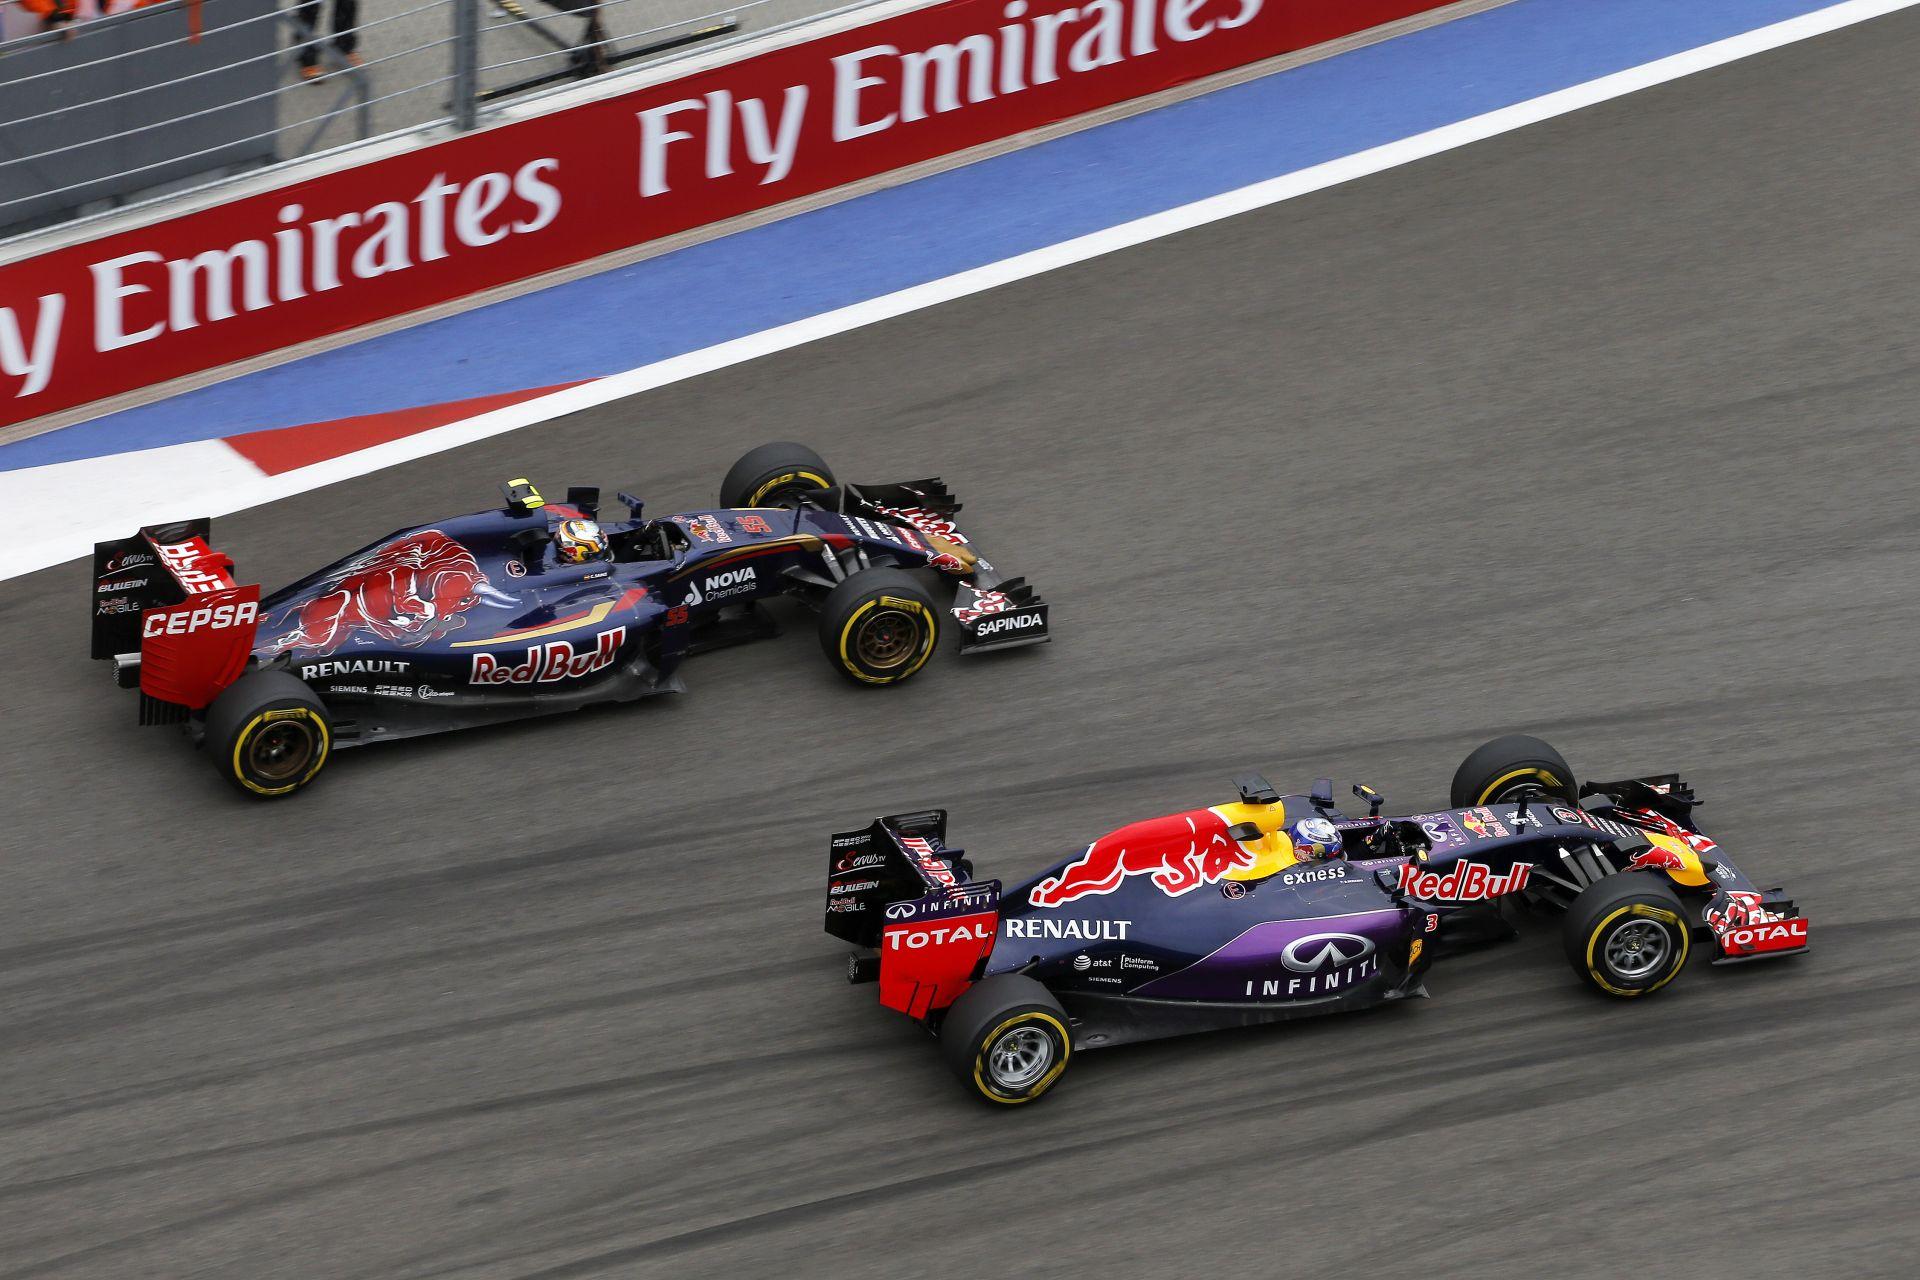 Csak a Red Bull veti be a Renault legújabb fejlesztésű motorját?